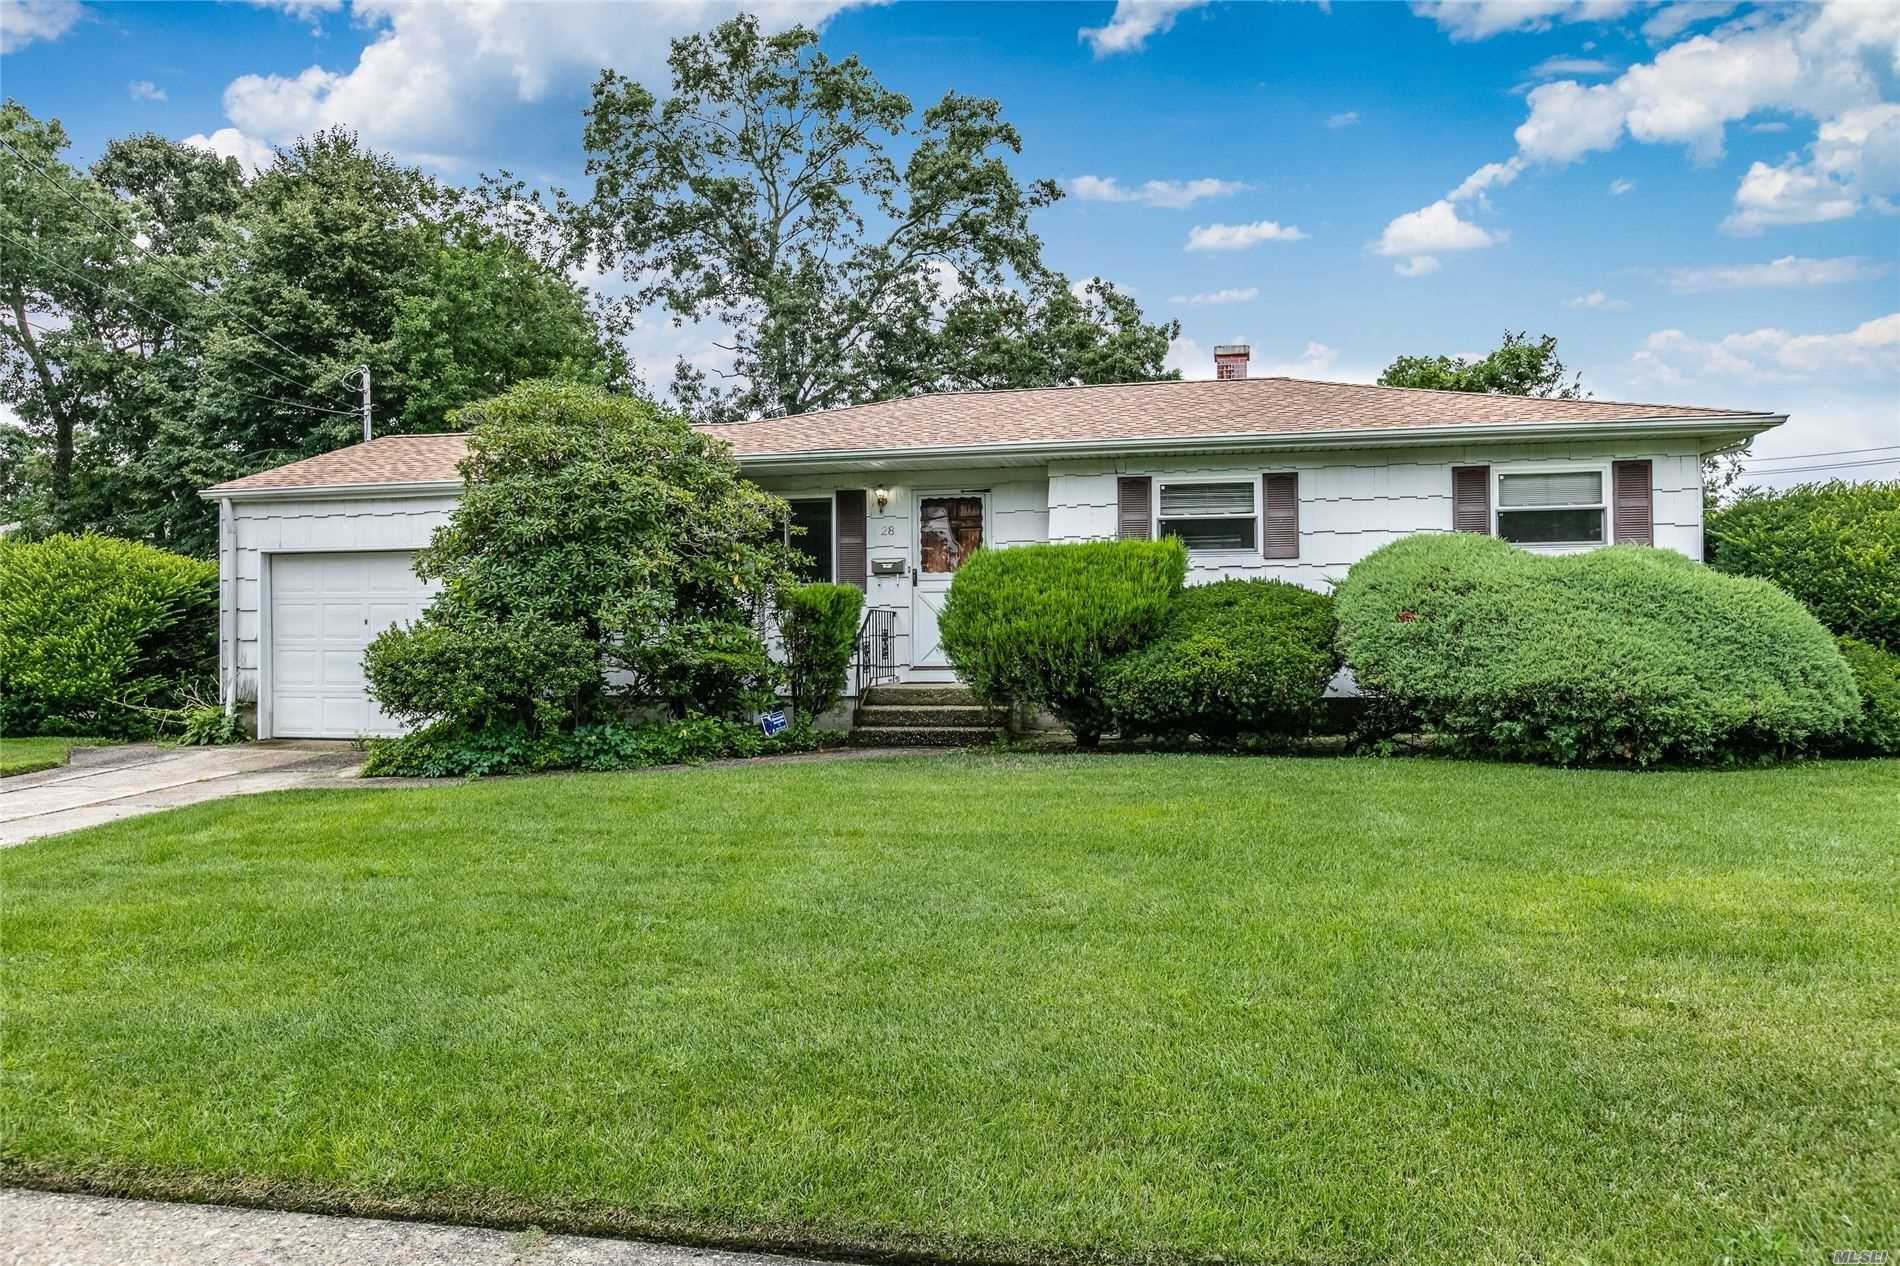 28 Rodney Ave, Islip Terrace, NY 11752 - MLS#: 3238657